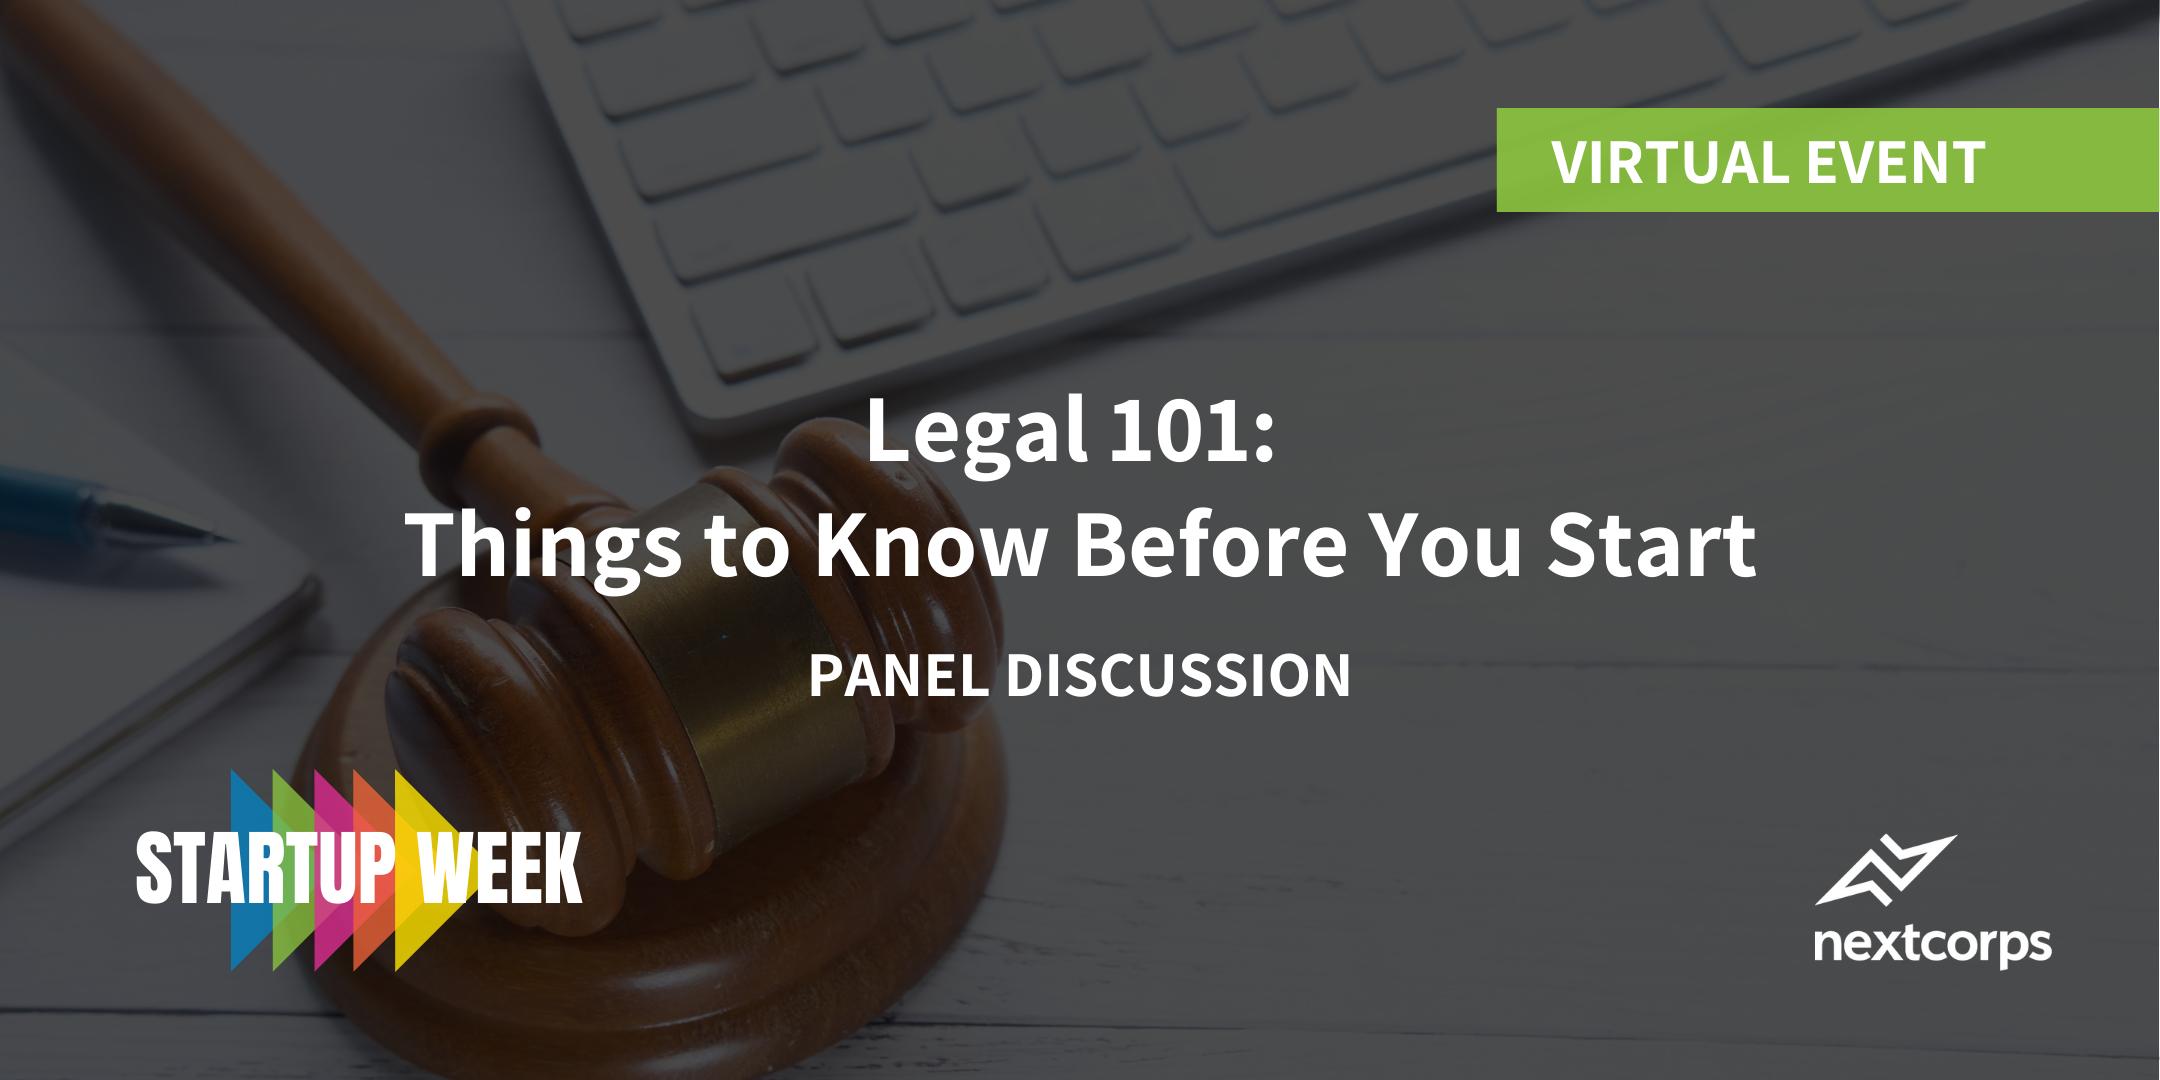 Legal 101